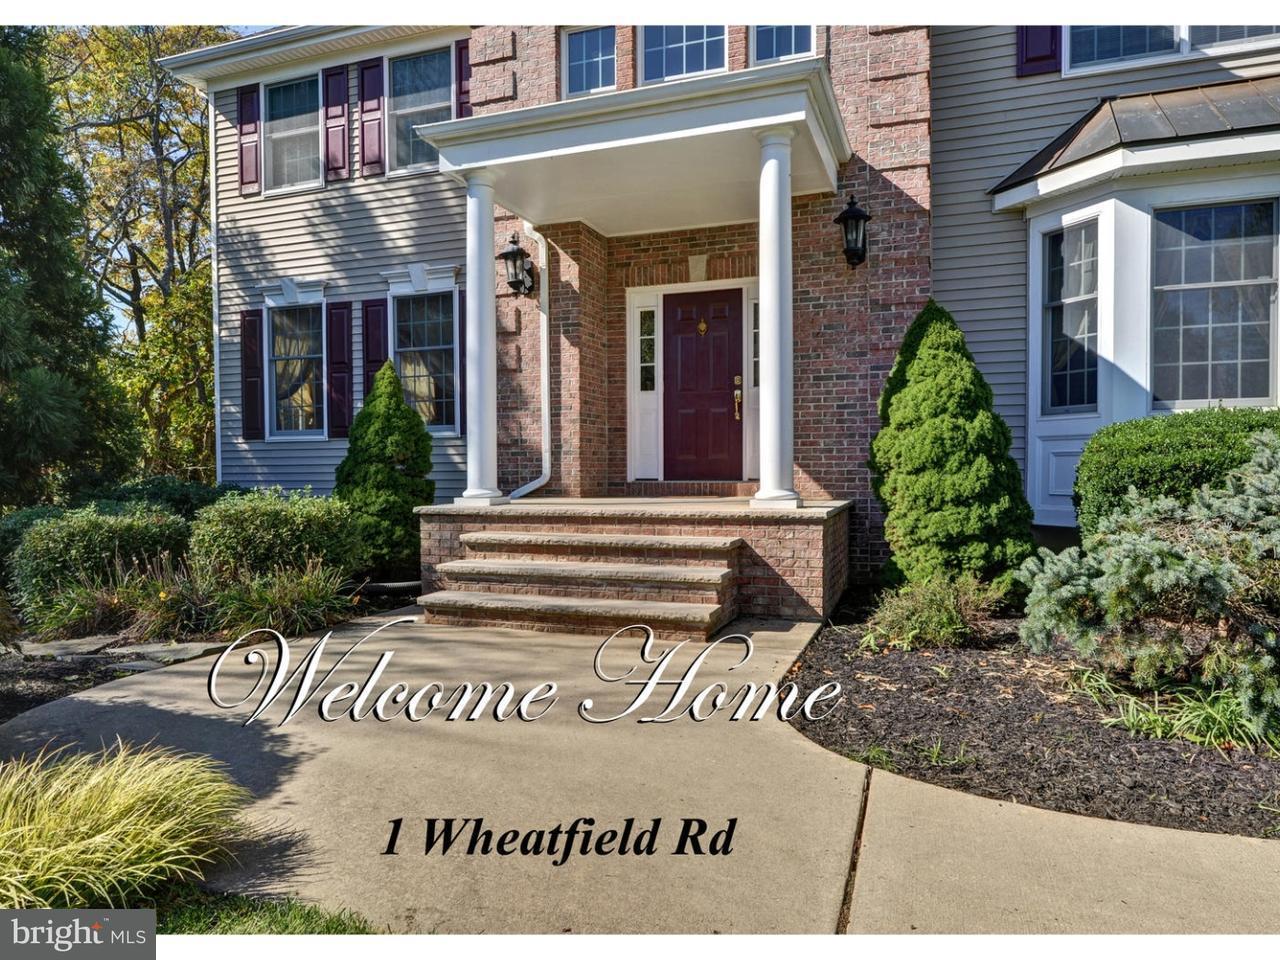 Частный односемейный дом для того Аренда на 1 WHEATFIELD Road Cranbury, Нью-Джерси 08512 Соединенные ШтатыВ/Около: Cranbury Township